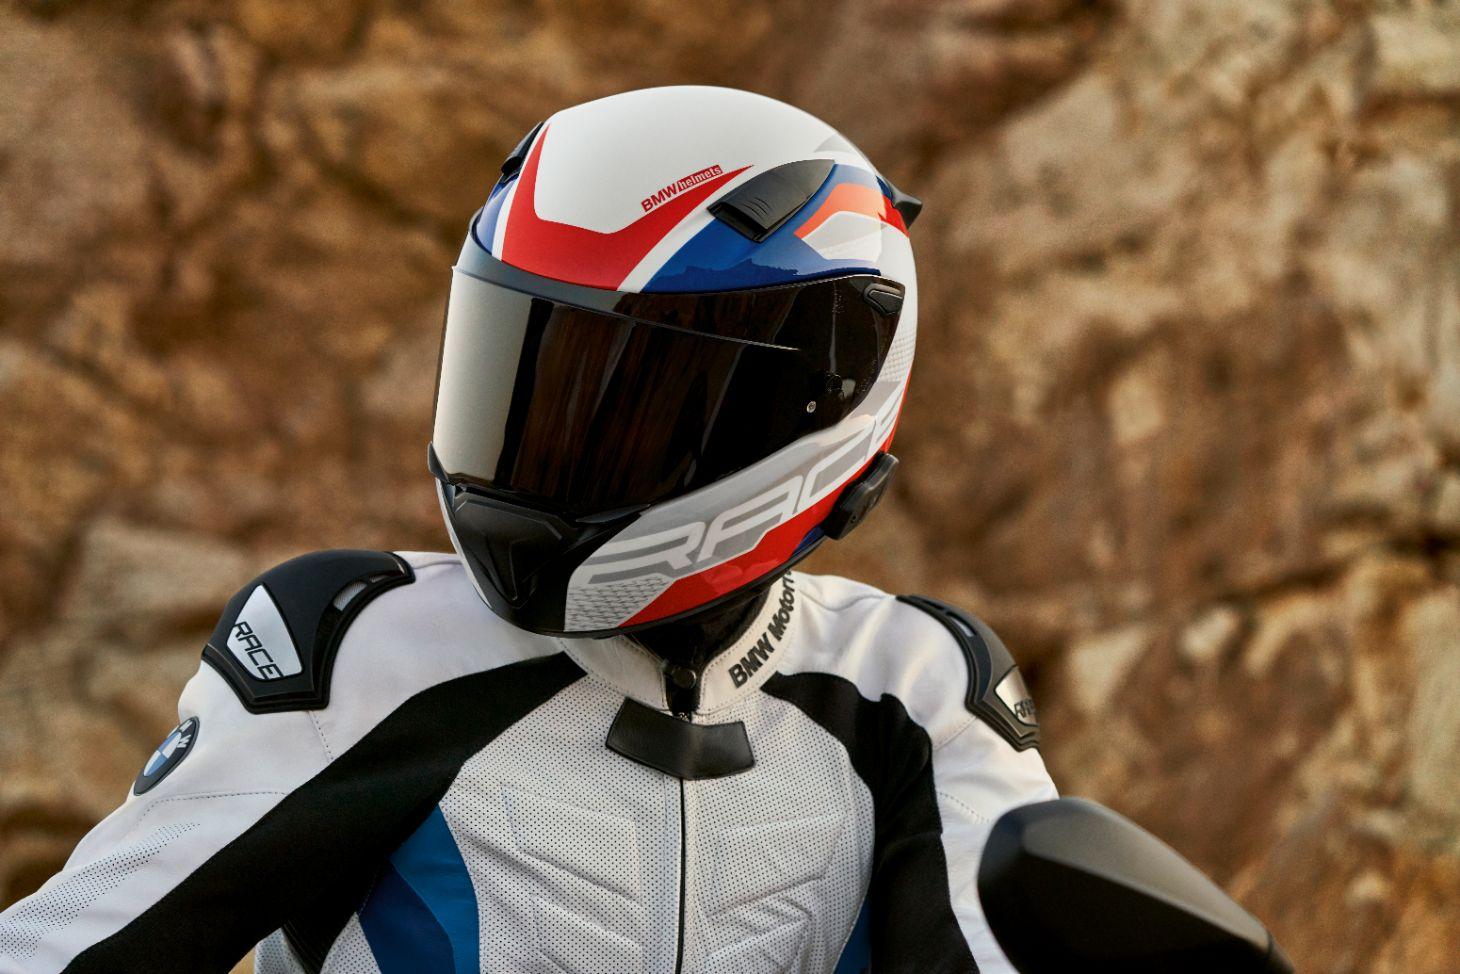 motociclista com capacete bmw motorrad branco com detalhes em vermelho e azul